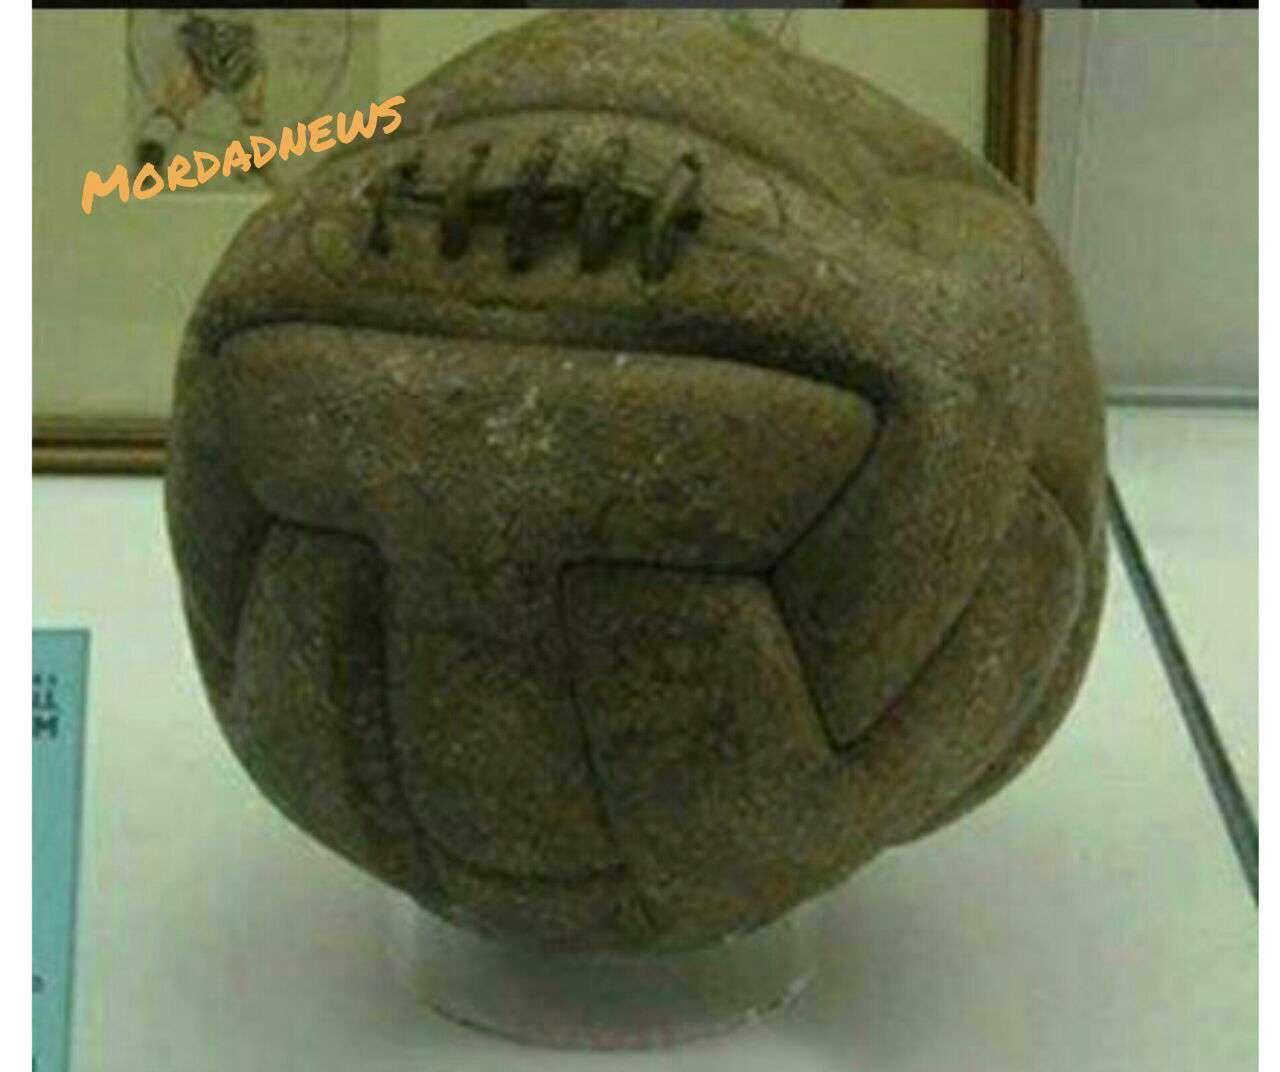 اولین توپ استفاده شده در فینال جام جهانی ؛ سال 1930